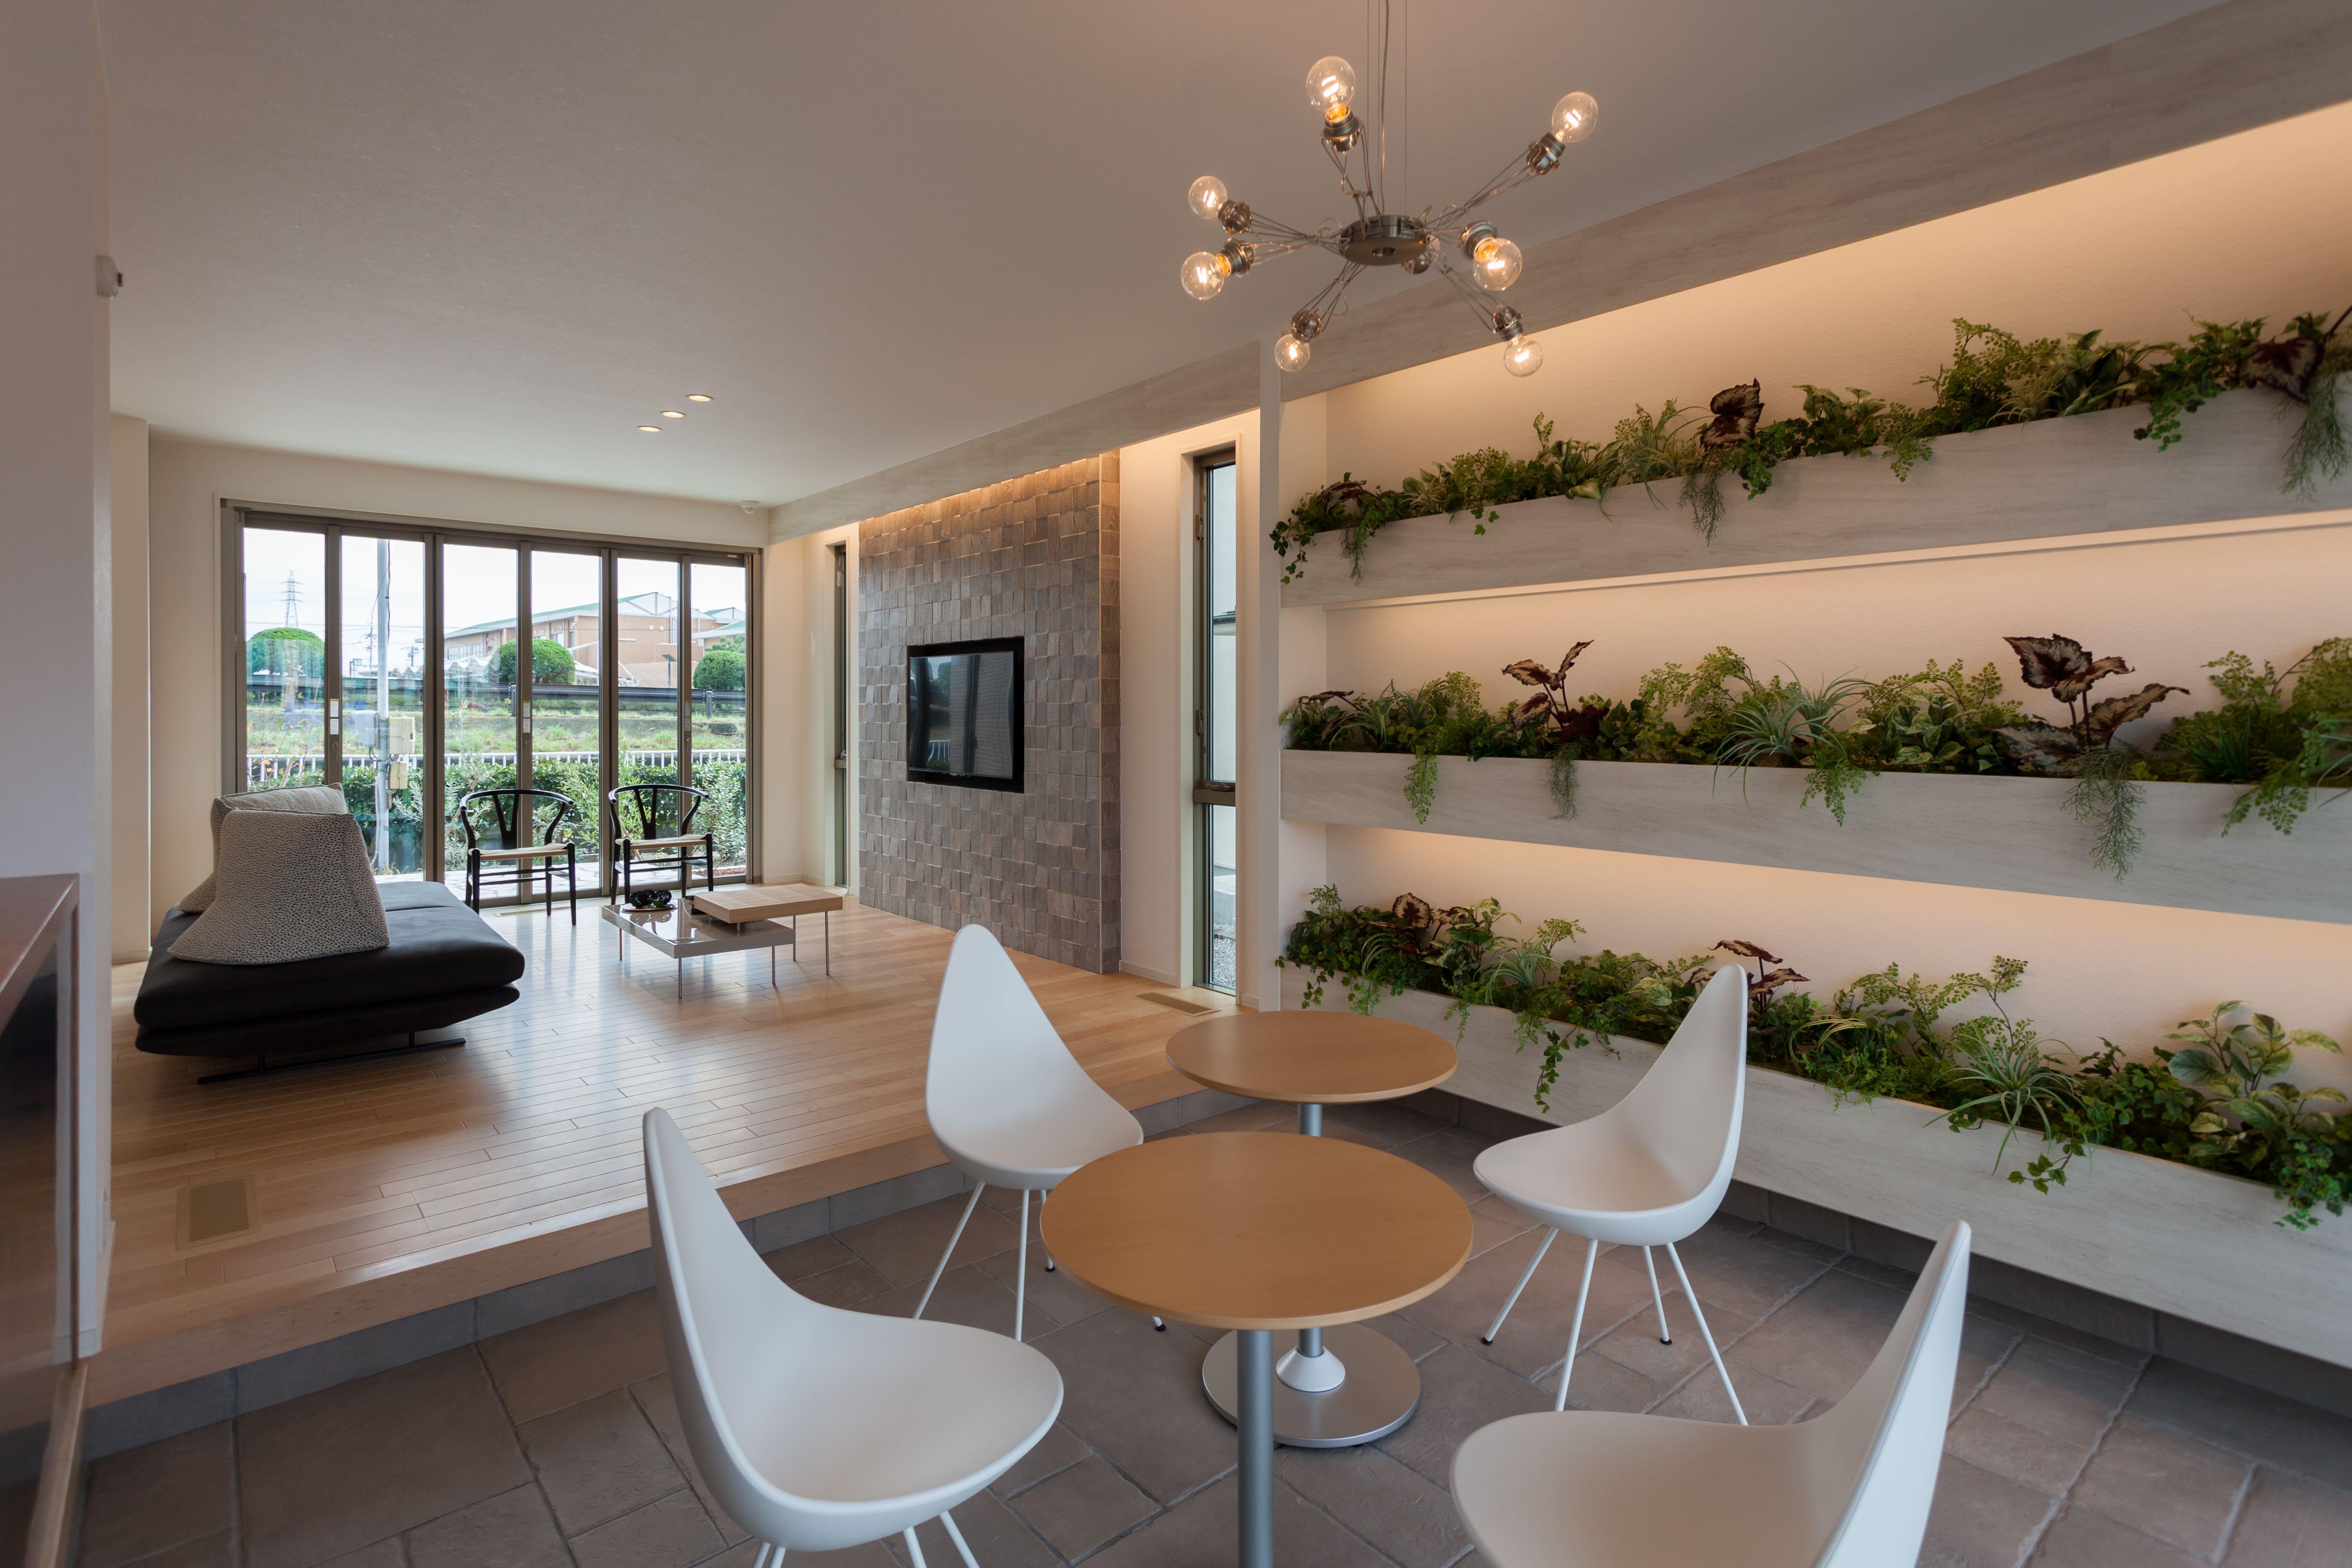 グリーンのディスプレイが心地よいカフェコーナー。